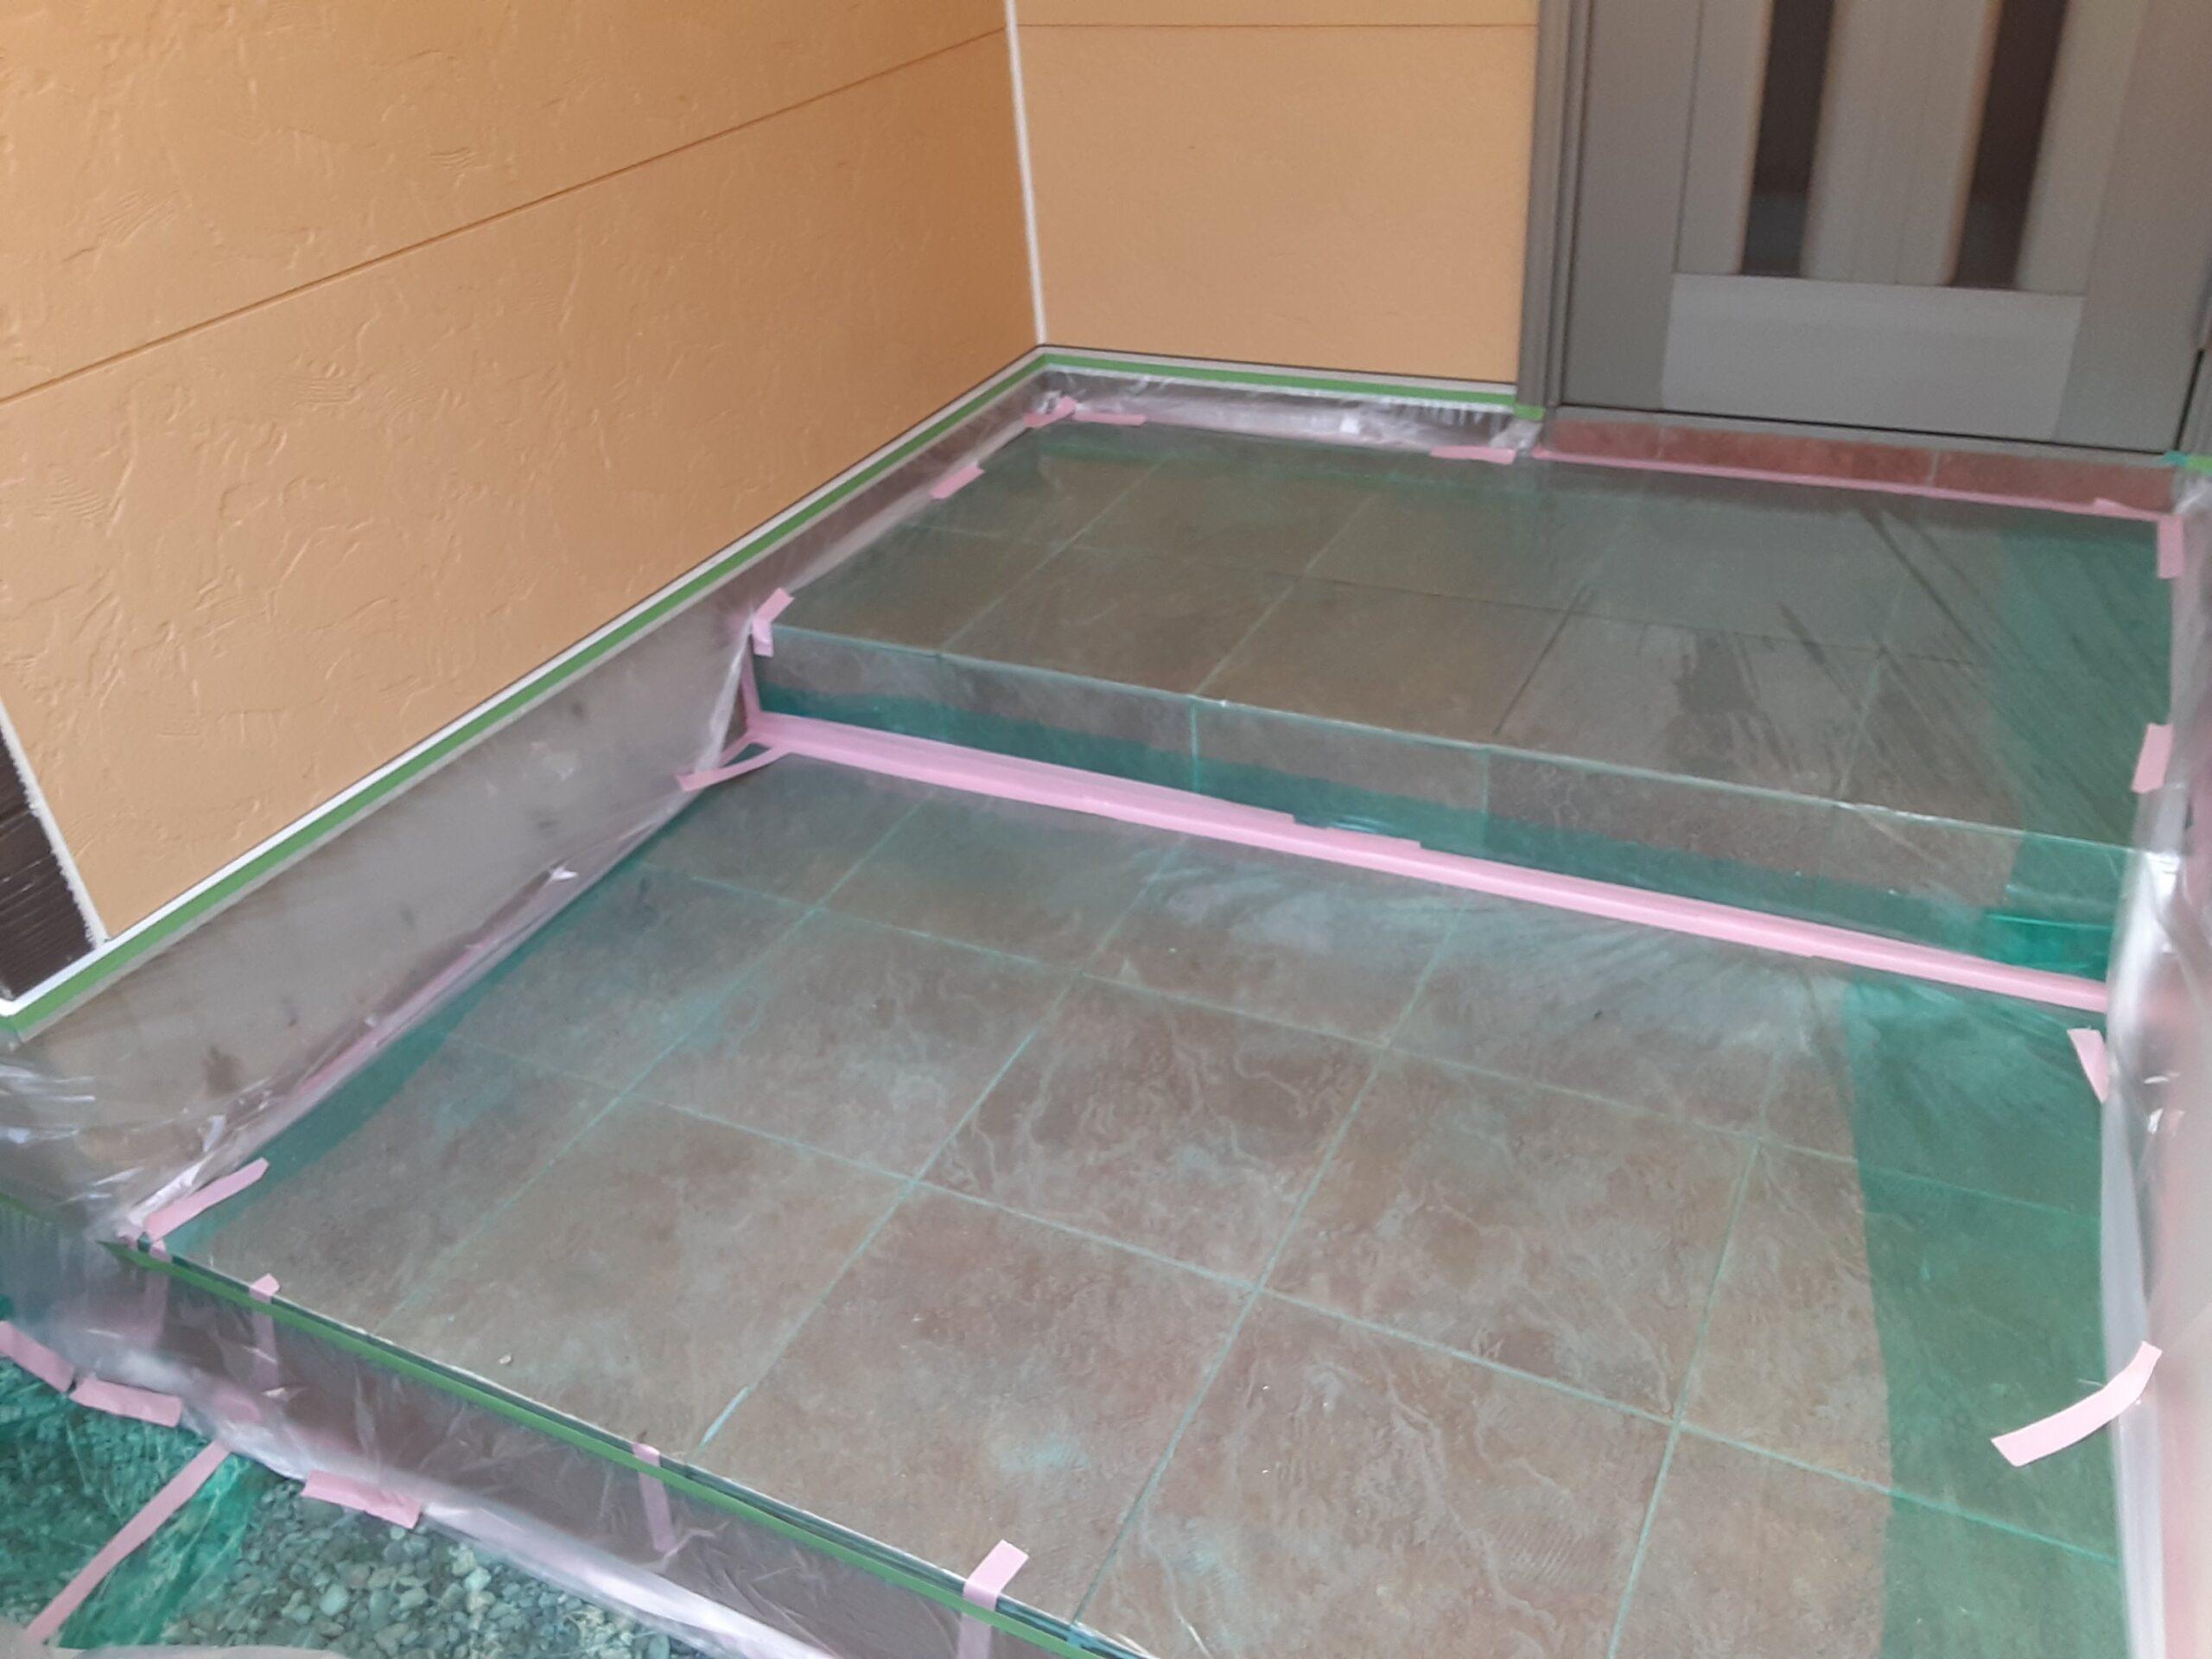 埼玉県さいたま市桜区のA様邸(木造3階建て)にて外壁コーキングの打ち替え・外壁塗装の養生